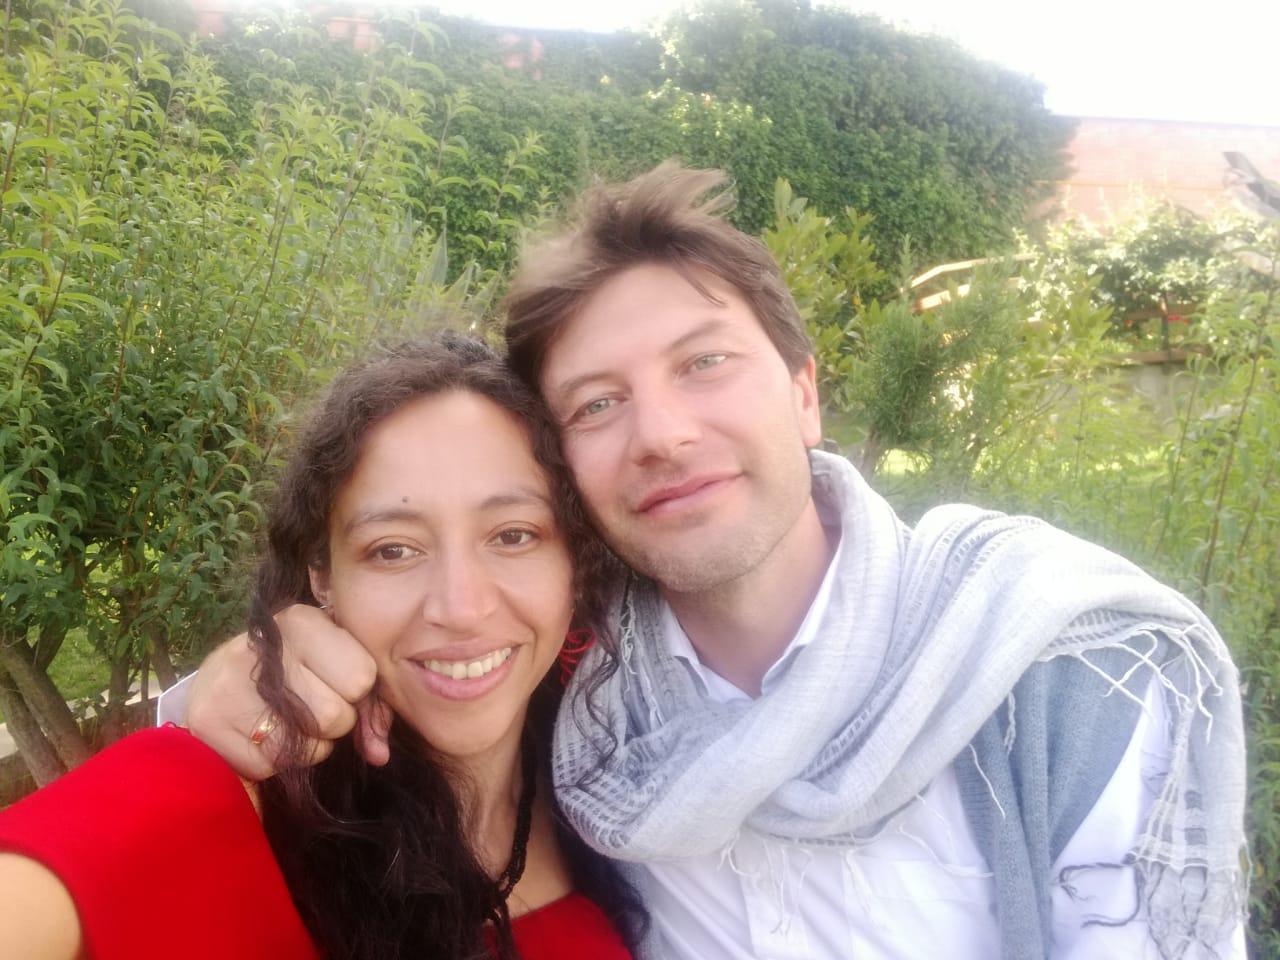 STORIE DAL MONDO – Roberto, tra Bolivia ed Egitto promuovendo progetti per la difesa dei diritti umani